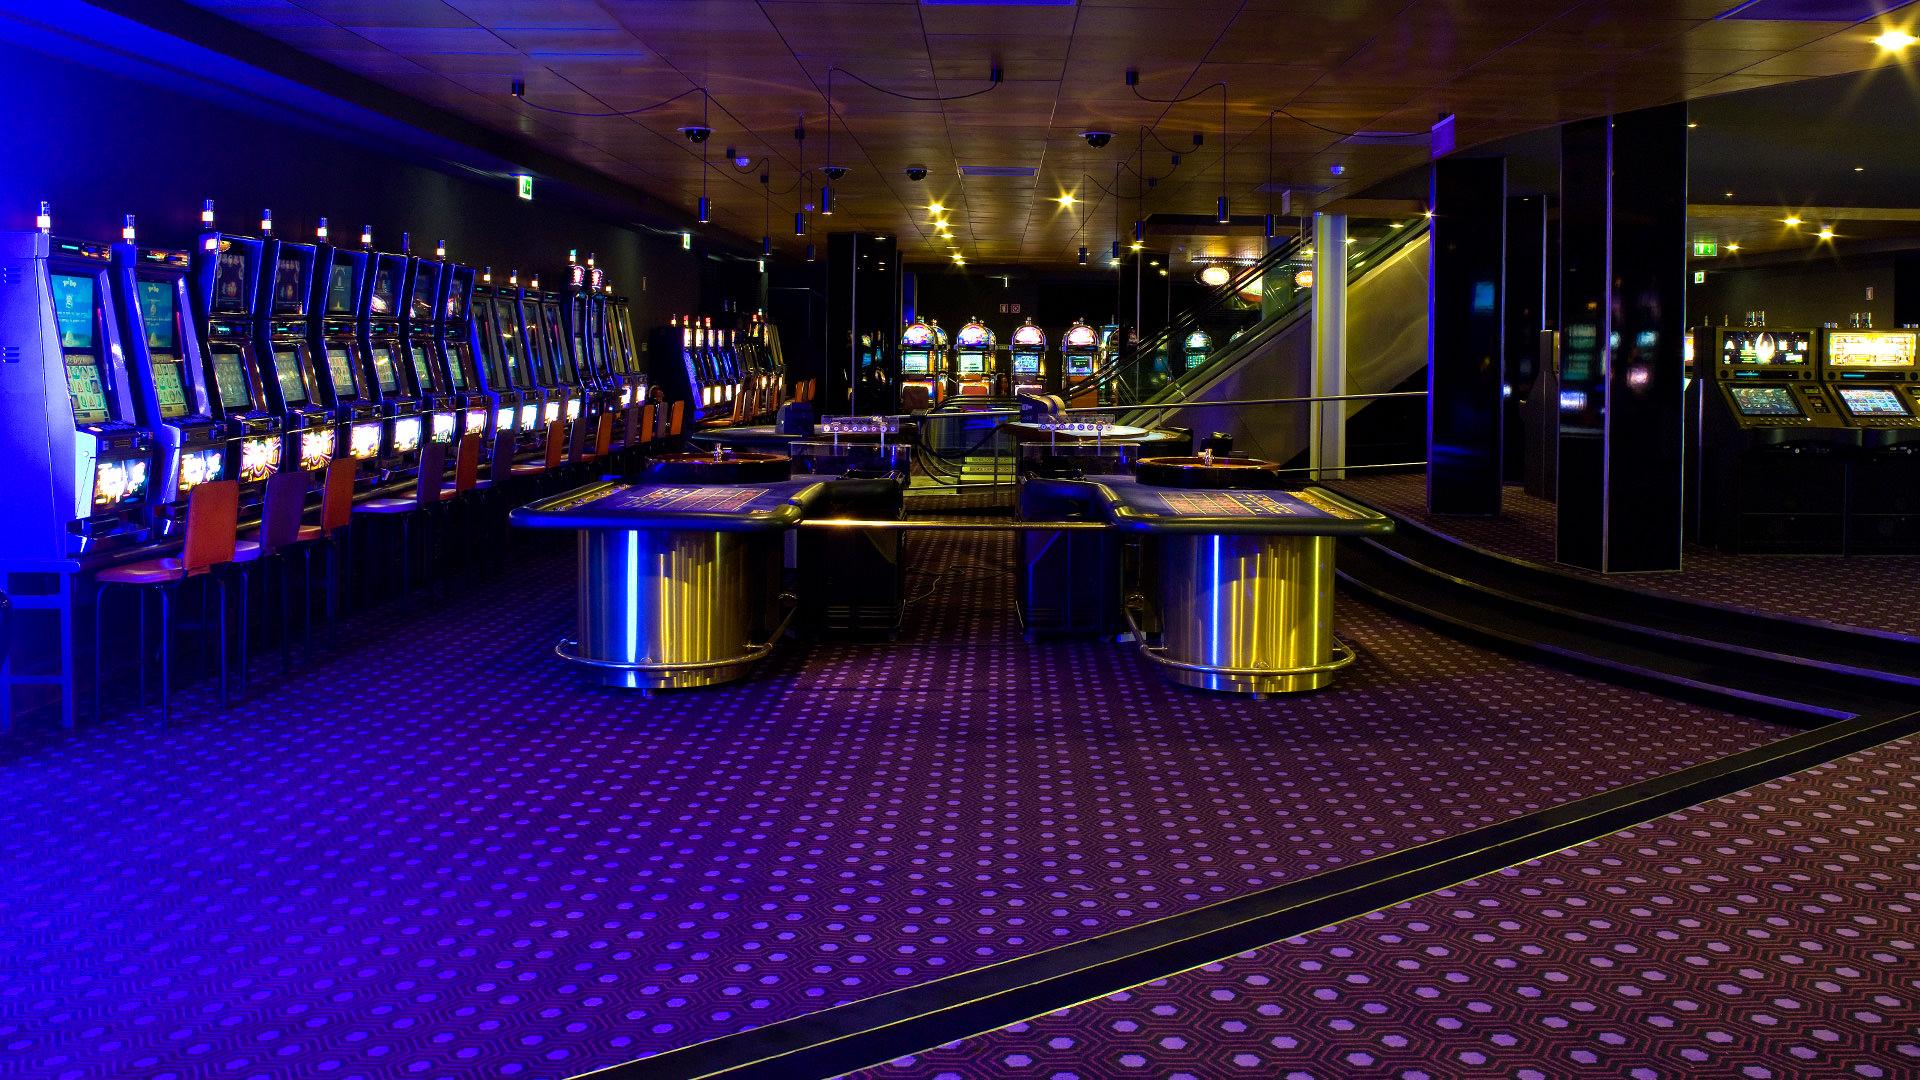 Prvi online casino u srbiji